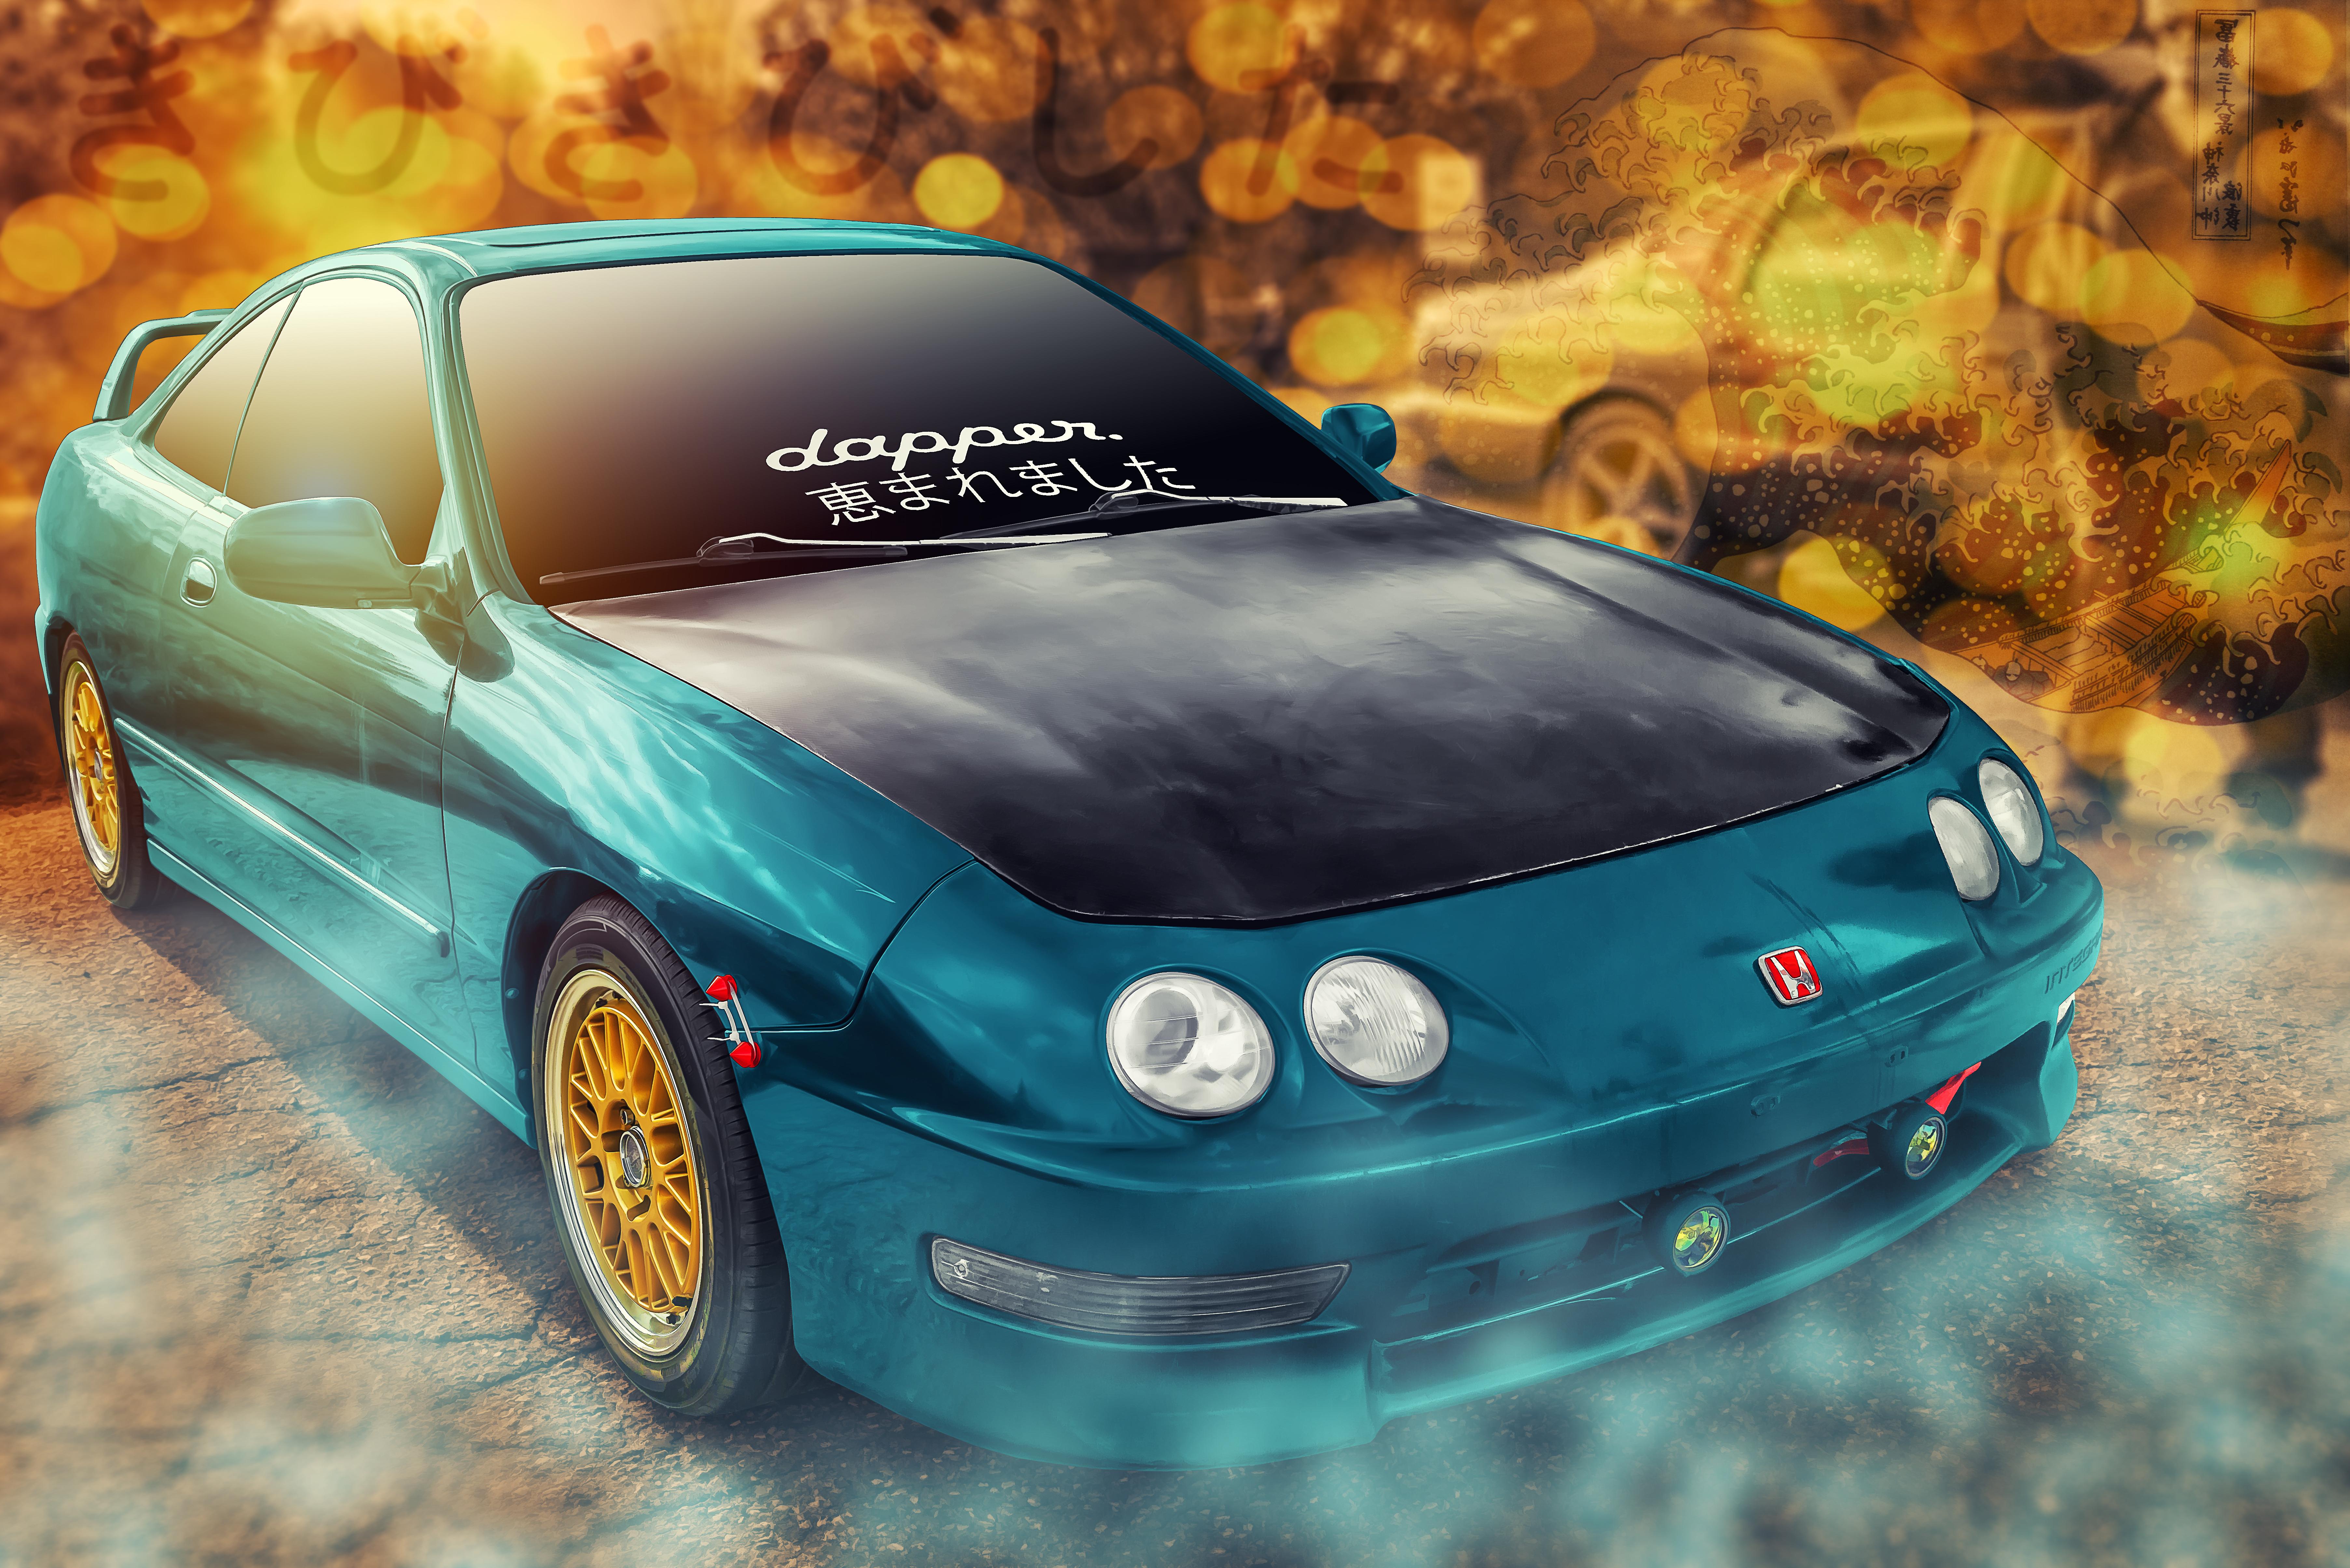 Free Images Auto Auto Enthusiasts Automobile Automotive Photography Automotive Portrait Car Meet Car Photography Car Show Cars And Coffee Cars